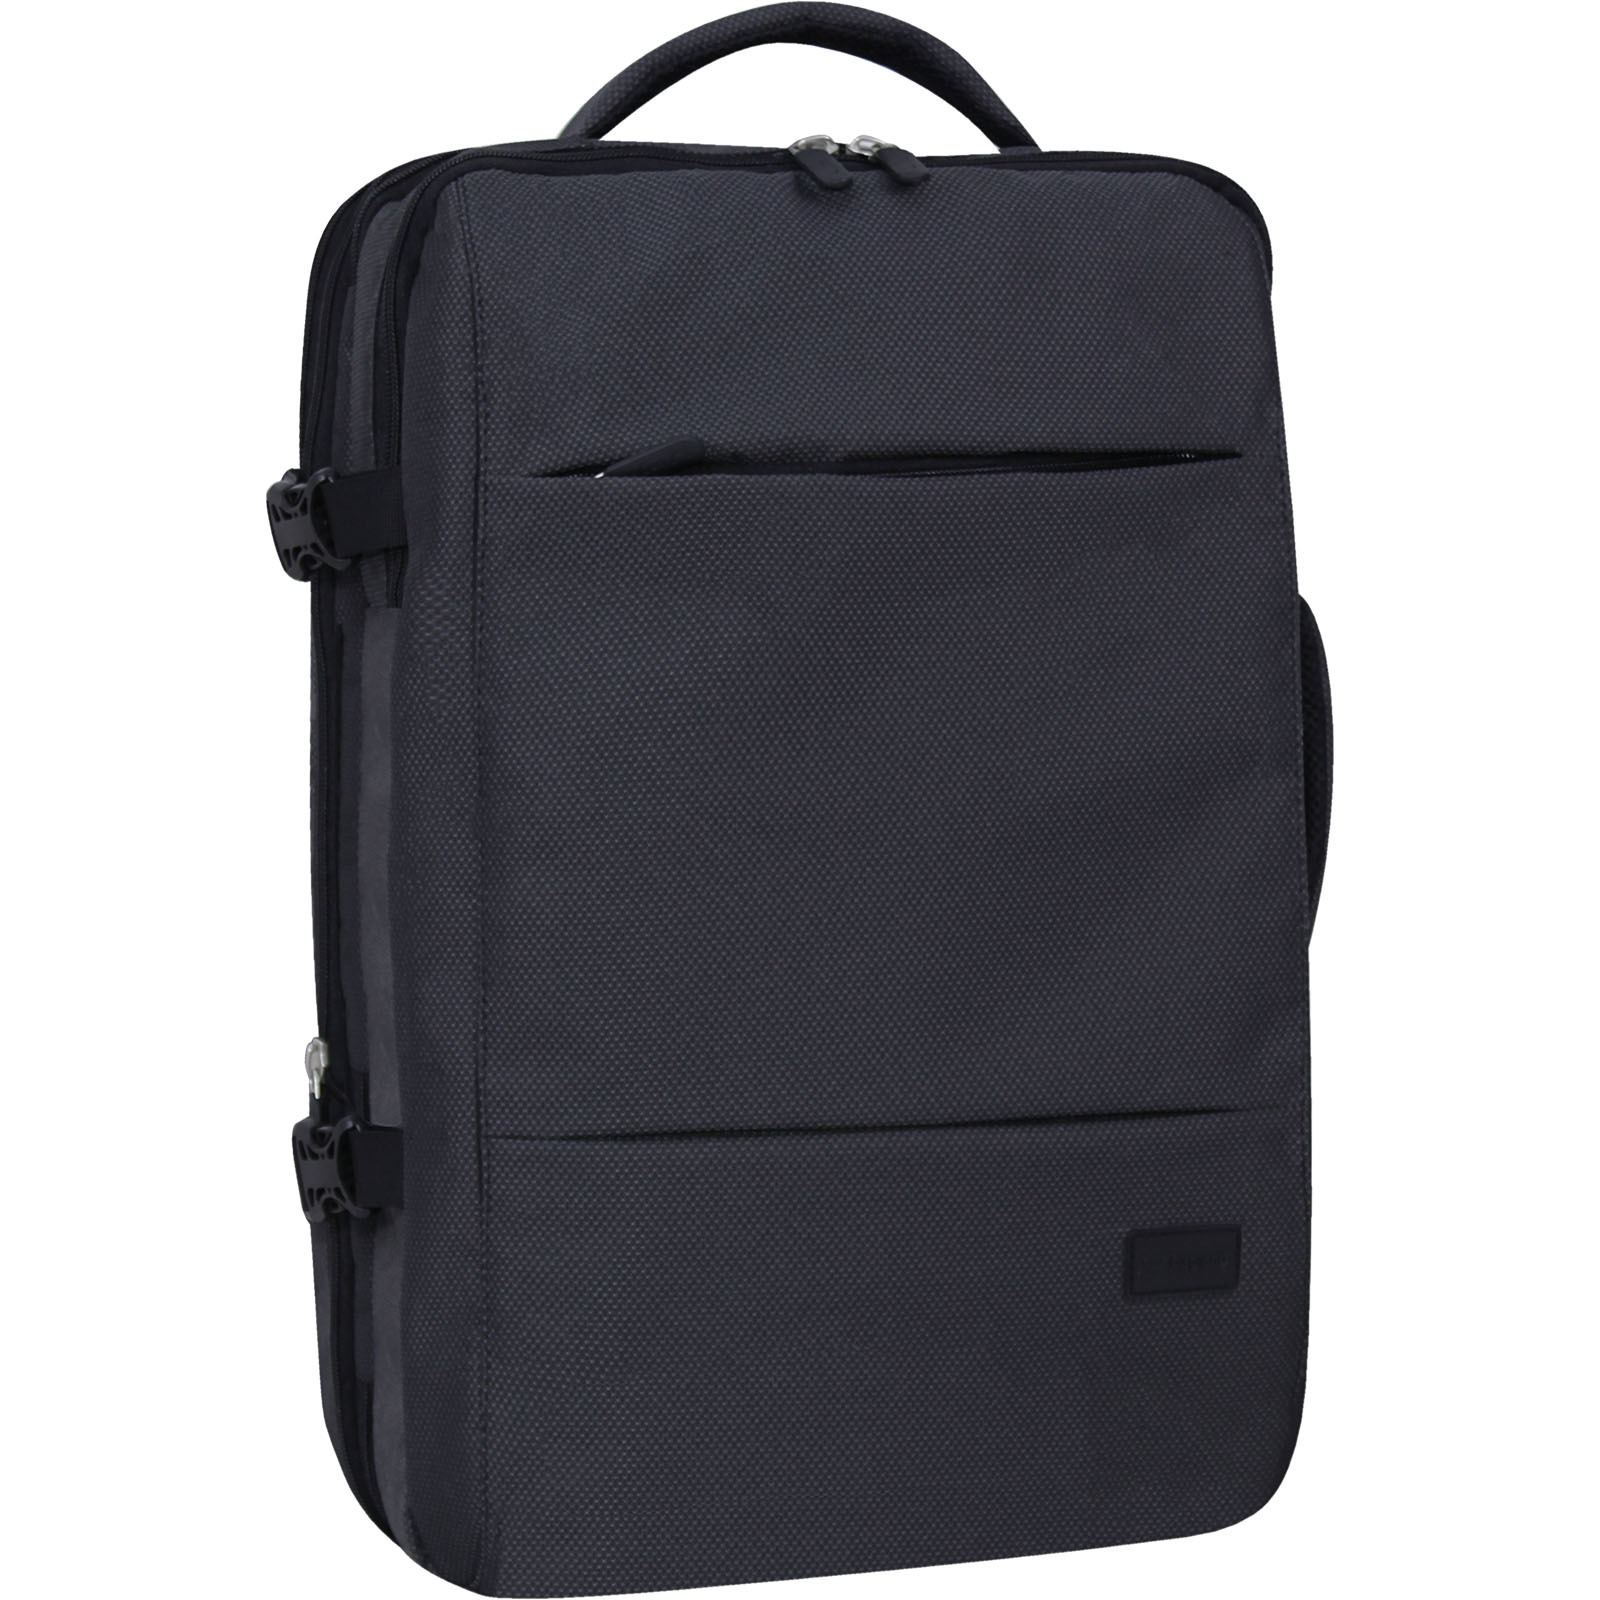 Мужские рюкзаки Рюкзак Bagland Ганновер 42 л. Чёрный (00901169) IMG_4110-1600.jpg